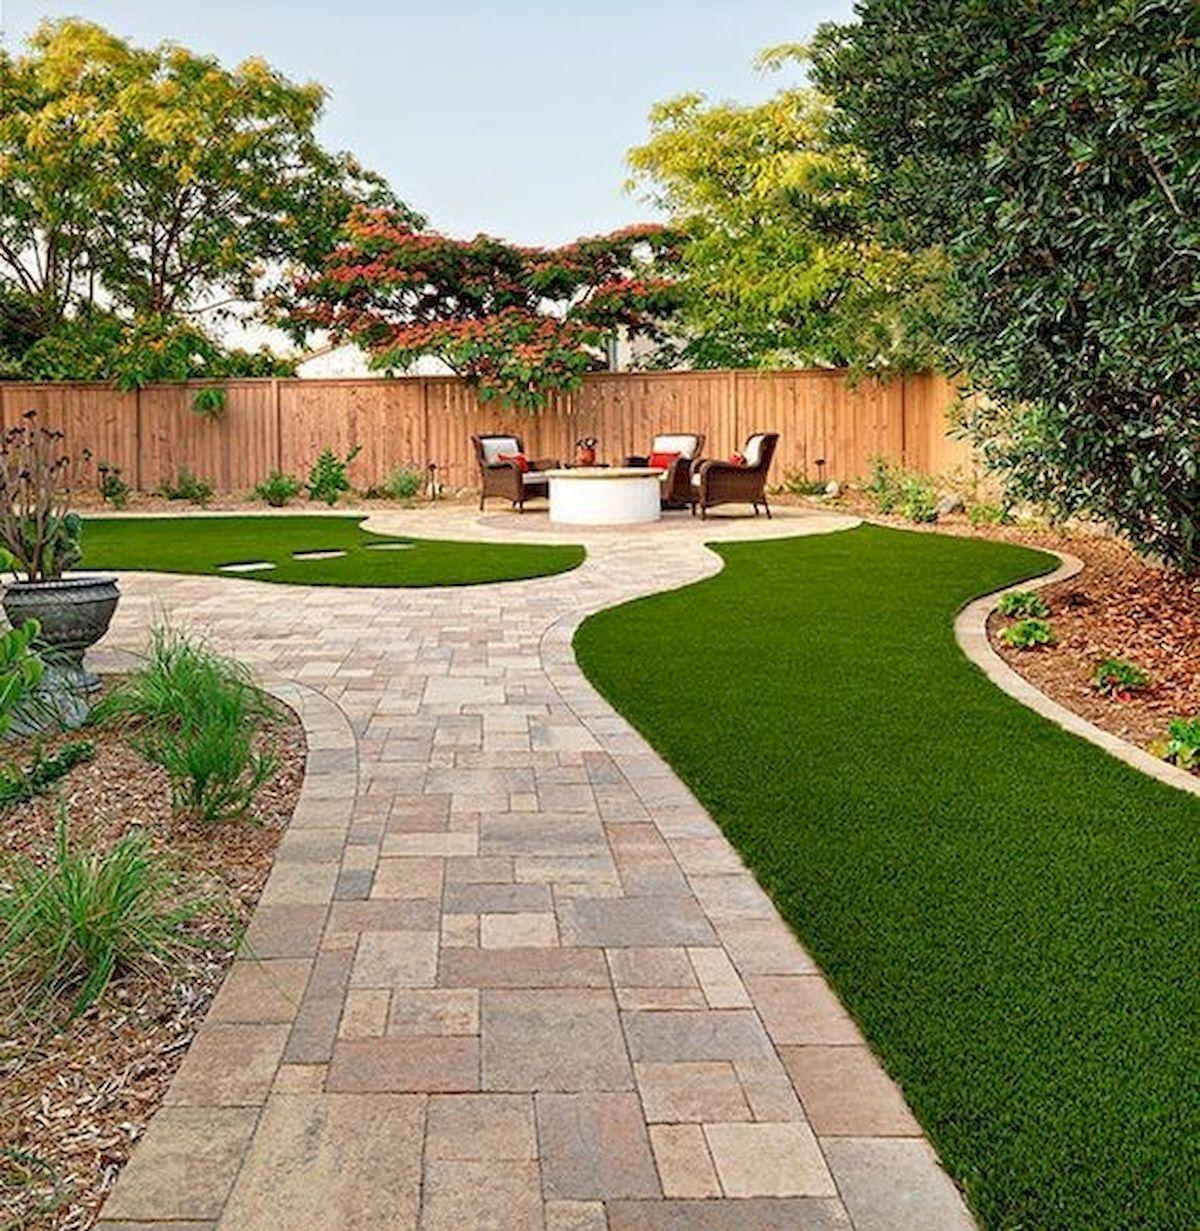 Nice 60 Beautiful Backyard Garden Design Ideas And Remodel Https Coachdecor Com 60 Beautiful Backyard Garden Pavers Backyard Backyard Garden Backyard Remodel